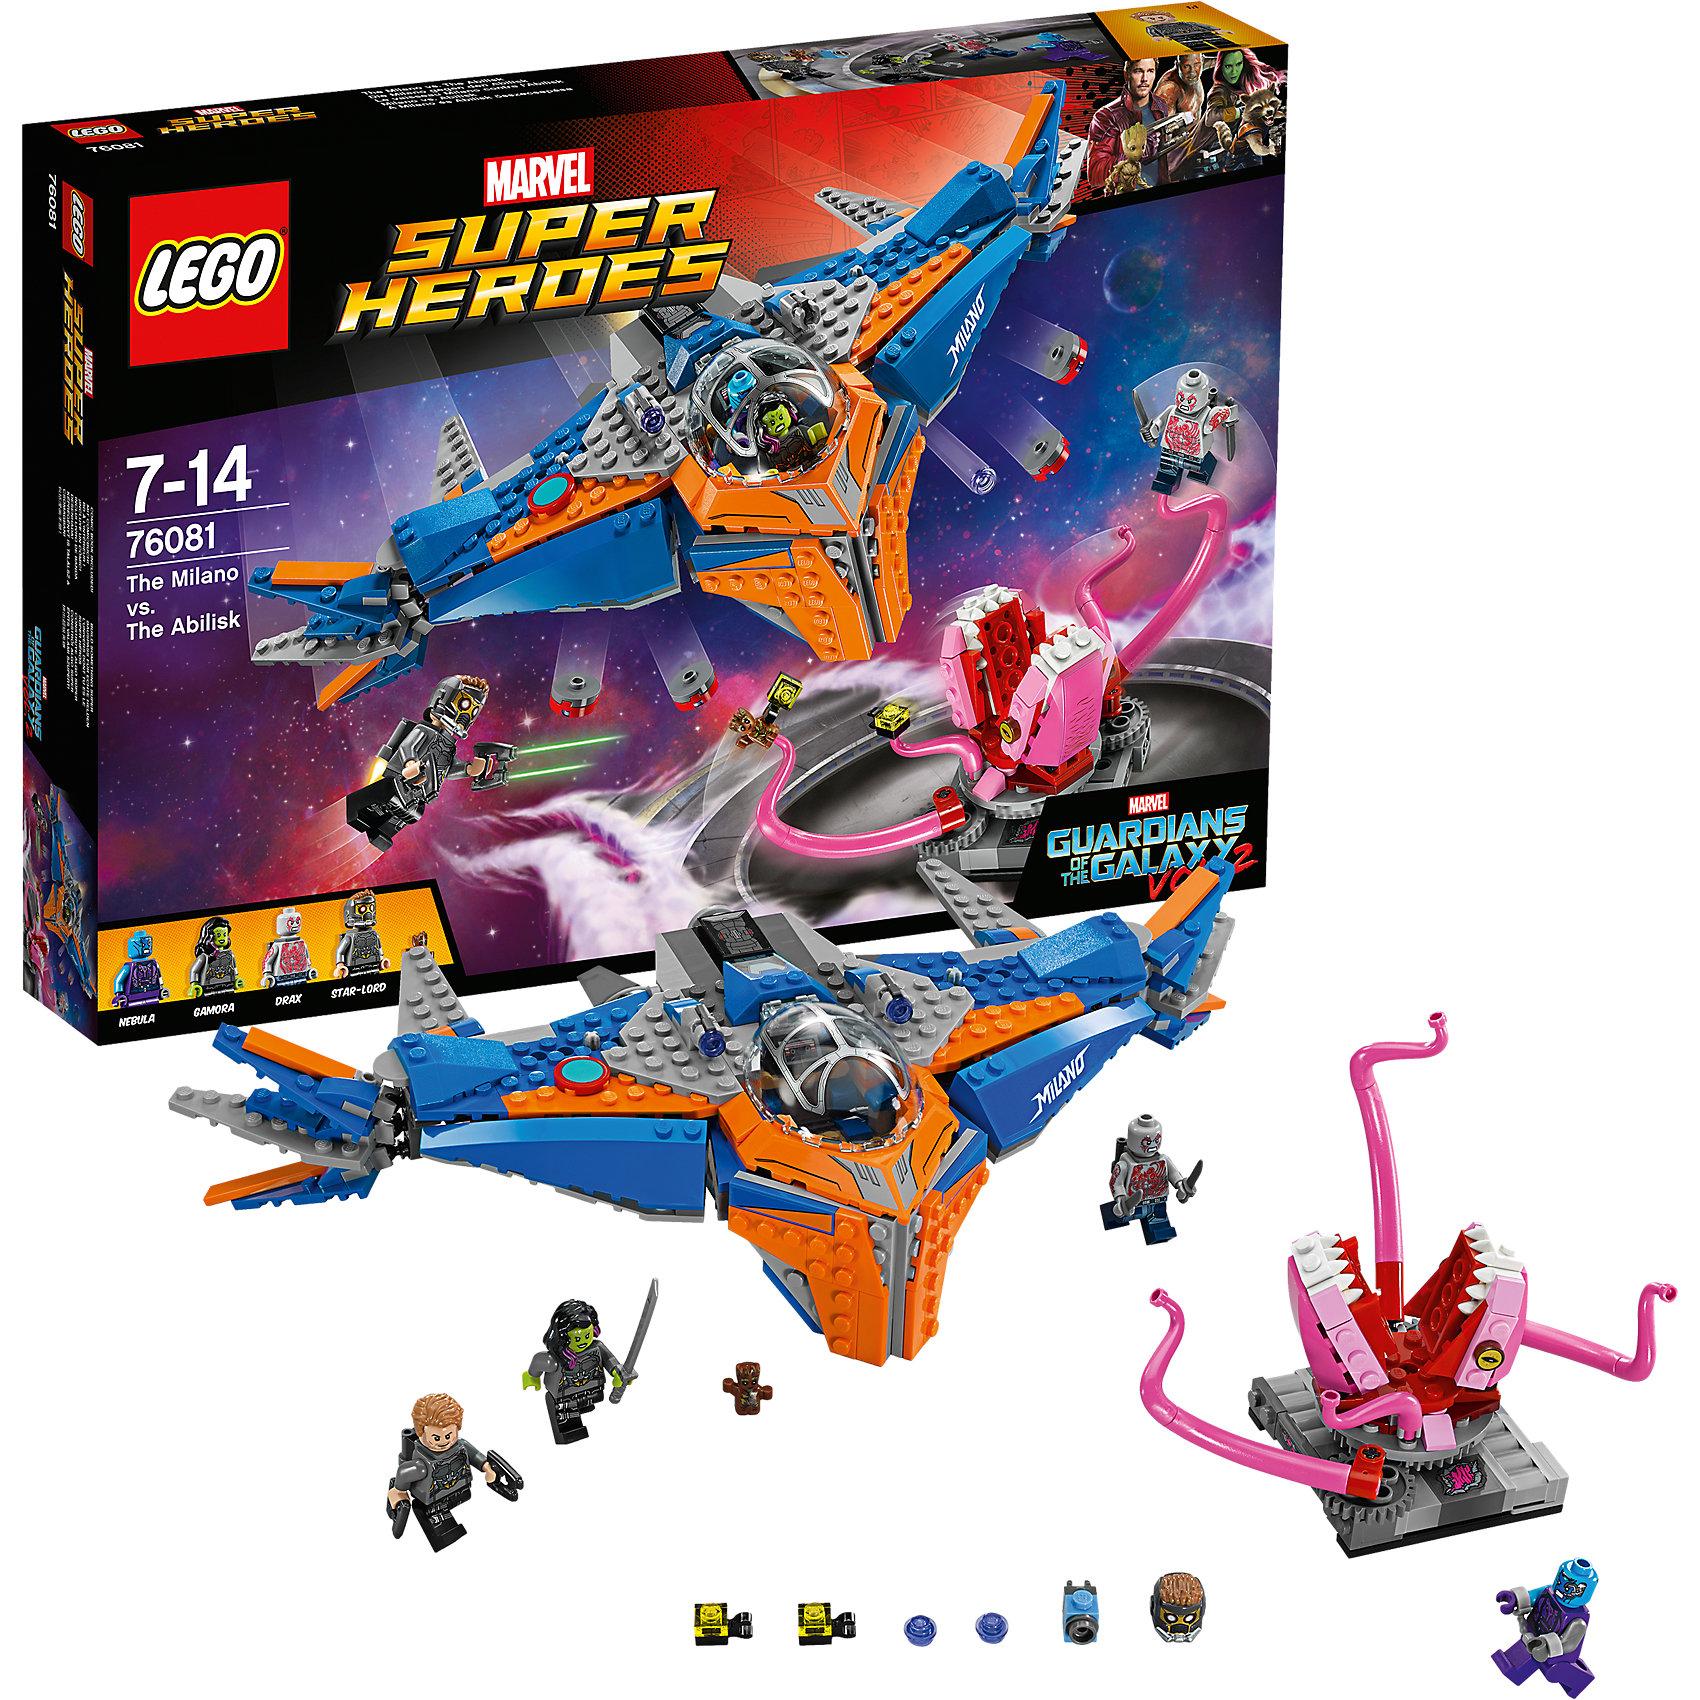 LEGO Super Heroes 76081: Милано против АбелискаПластмассовые конструкторы<br>LEGO Super Heroes 76081: Милано против Абелиска<br><br>Характеристики:<br><br>- в набор входит: детали 2 кораблей и декораций, 4 минифигурки, аксессуары, книга комиксов, красочная инструкция по сборке<br>- минифигурки набора: Звёздный Лорд, малыш Грут, Гамора, Дракс,Небула<br>- состав: пластик<br>- количество деталей: 460<br>- размер упаковки: 38 * 6 * 26 см.<br>- для детей в возрасте: от 7 до 14 лет<br>- Страна производитель: Дания/Китай/Чехия<br><br>Легендарный конструктор LEGO (ЛЕГО) представляет серию «Marvel Super Heroes» (Супер герои Марвел) по сюжетам фильмов, мультфильмов и комиксов о супергероях. <br><br>Этот набор понравится любителям фильмов Marvel Стражи галактики. Минифигурки набора выглядят ярко, очень качественно проработаны, в их разработке были использованы уникальные детали не встречающиеся в других наборах. Звёздный Лорд представлен в новом более детализированном дизайне костюма со шлемом, который снимается, а также новым оружием и рюкзаком для полетов. Гамора с рельефной двухцветной прической выглядит очень реалистично, в руках она держит меч. Минифигурка Дракса выглядит впечатляюще с новым дизайном лица, его тело разрисовано как на руках, так и на ногах, за плечами съемный рюкзак для полетов. Малыш Грут отлично выполнен, несмотря на свой маленький размер, его лицо и элементы одежды четко прорисованы. Небула получила новый дизайн головы. <br><br>Милано - космический корабль отважной команды выглядит внушительно и оснащен множеством функций в виде двигающихся деталей крыльев, четырех нижних пушек, выстреливающих дисками и двух верхних пушек с механизмом стрельбы и небольшими снарядами. Двухместная кабина пилота открывается, на ней изображен стильный рисунок. Абелиск отлично выполнен, его челюсти двигаются, а щупальца могут захватывать героев в ходе битвы. Помоги героям выиграть эту битву со злом! <br><br>Играя с конструктором ребенок развивает моторику рук, воображение и 